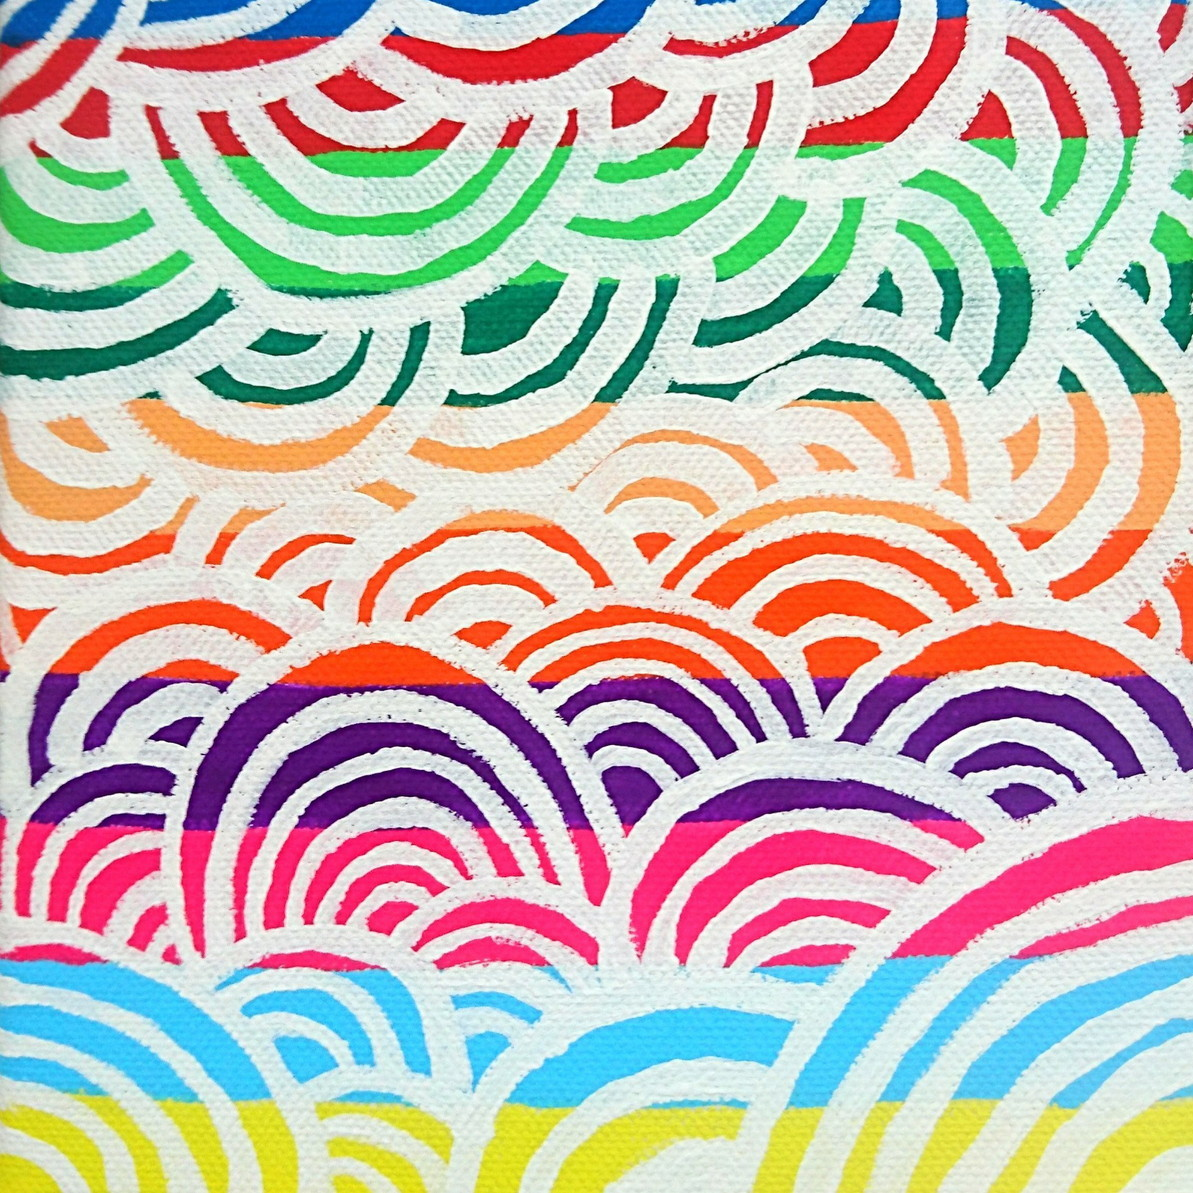 絵画 絵 ピクチャー 縁起画 モダン シェアハウス アートパネル アート art 14cm×14cm 一人暮らし 送料無料 インテリア 雑貨 壁掛け 置物 おしゃれ ロココロ 抽象画 現代アート ロココロ 画家 : ごま 作品 : 虹雲